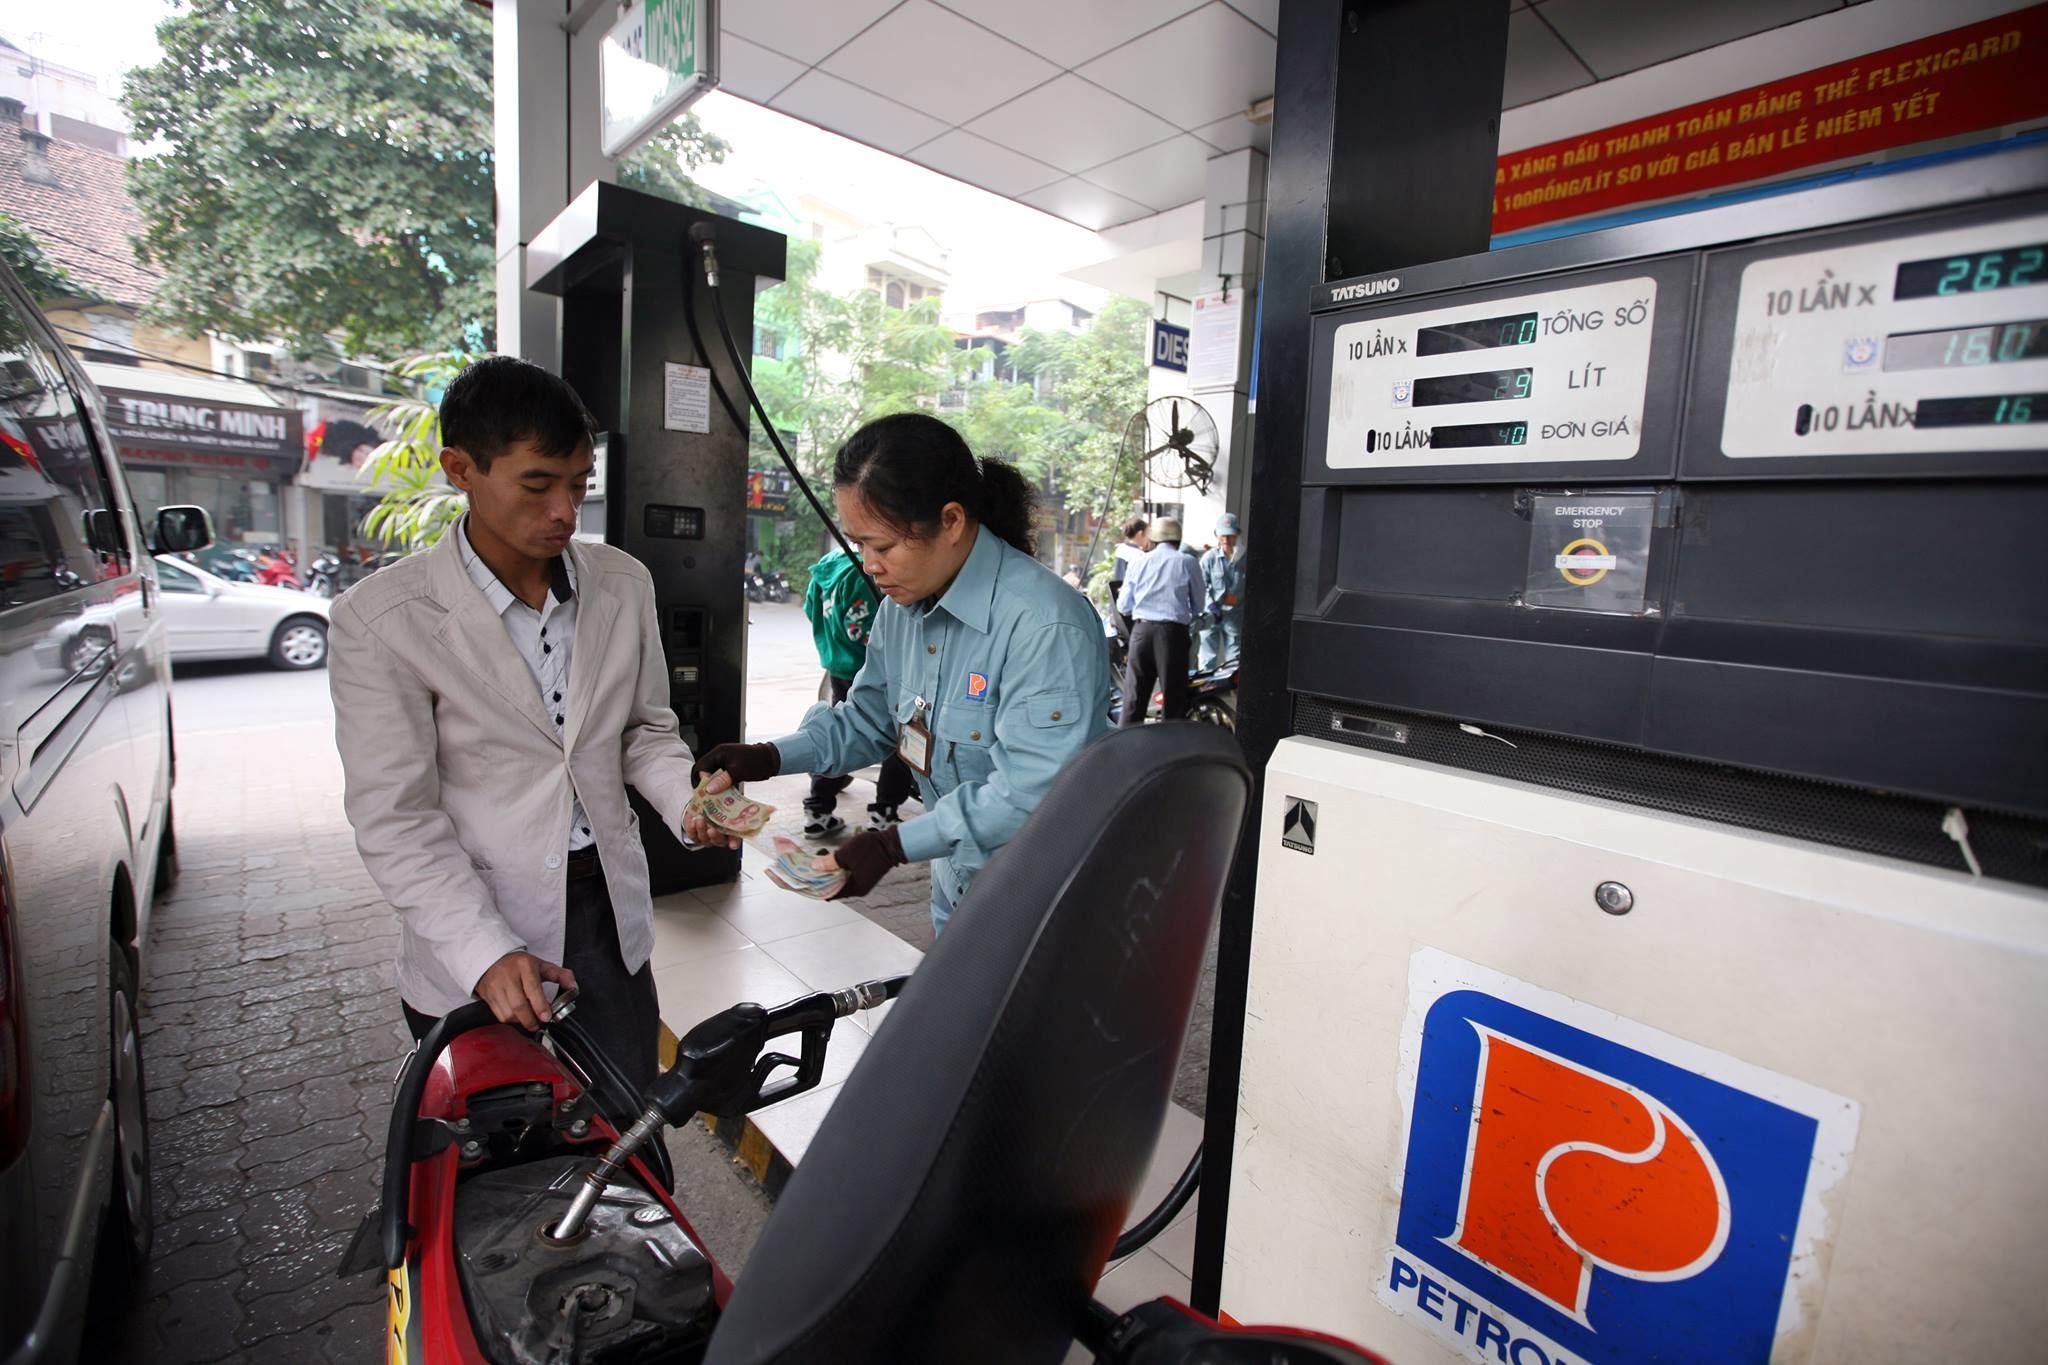 Đầu năm Mật Tuất, giá xăng dầu có biến động bất ngờ - 1